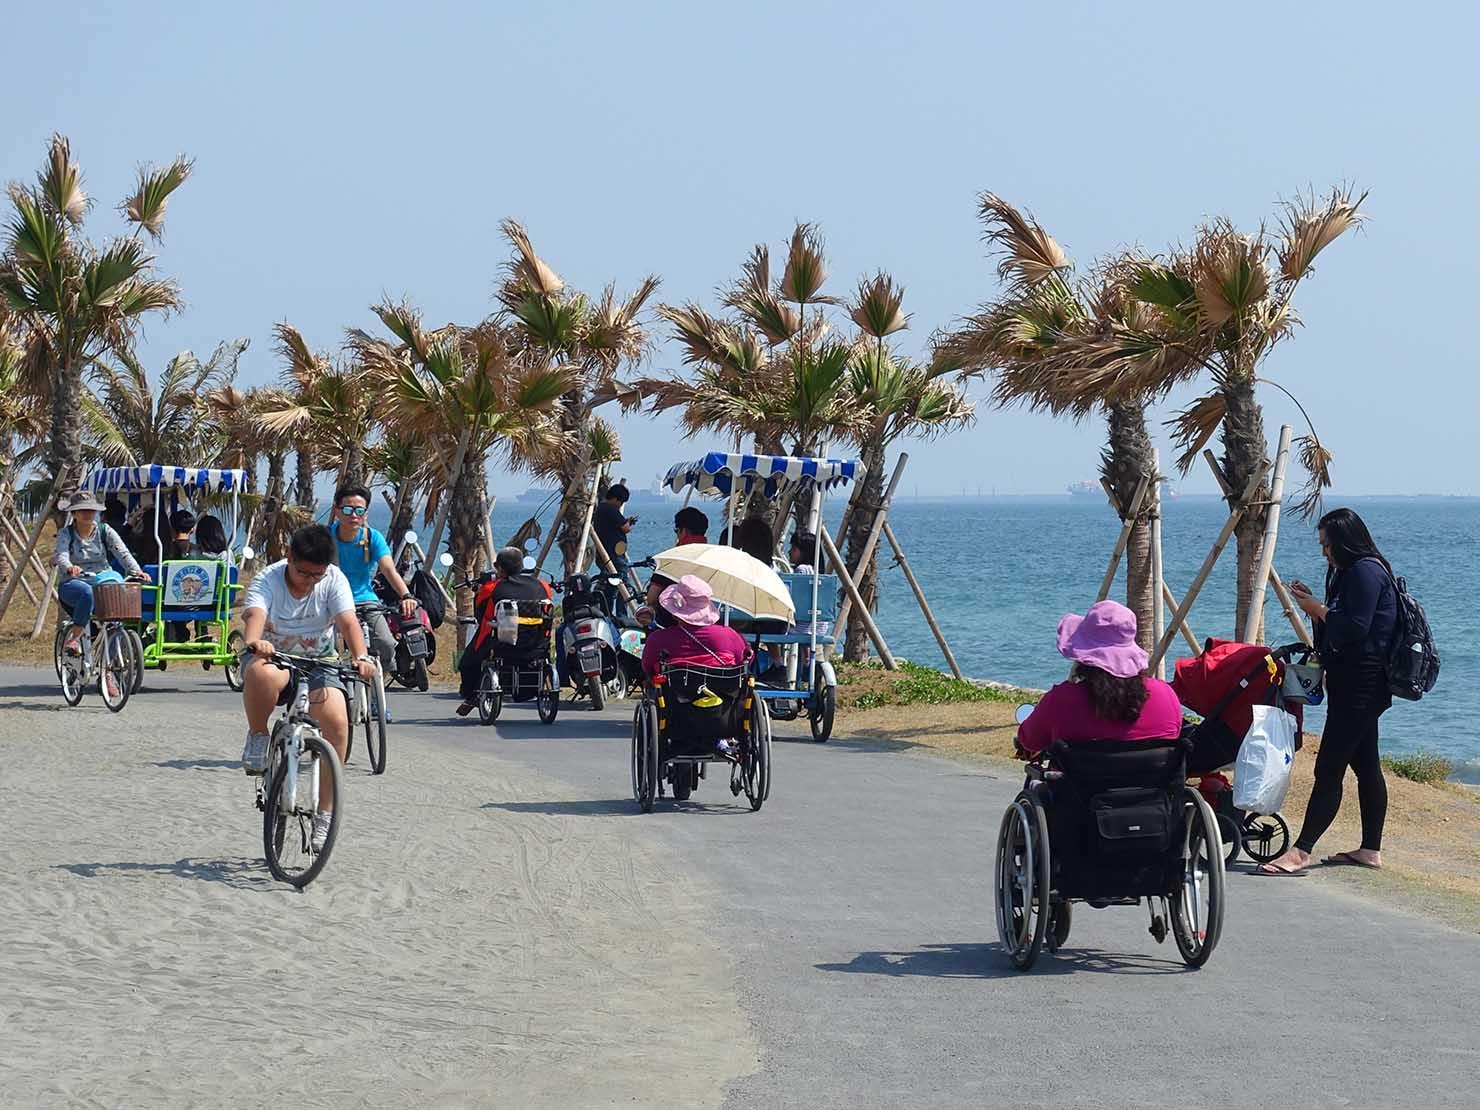 高雄のおすすめ観光スポット「西子灣」旗津のサイクリングロード